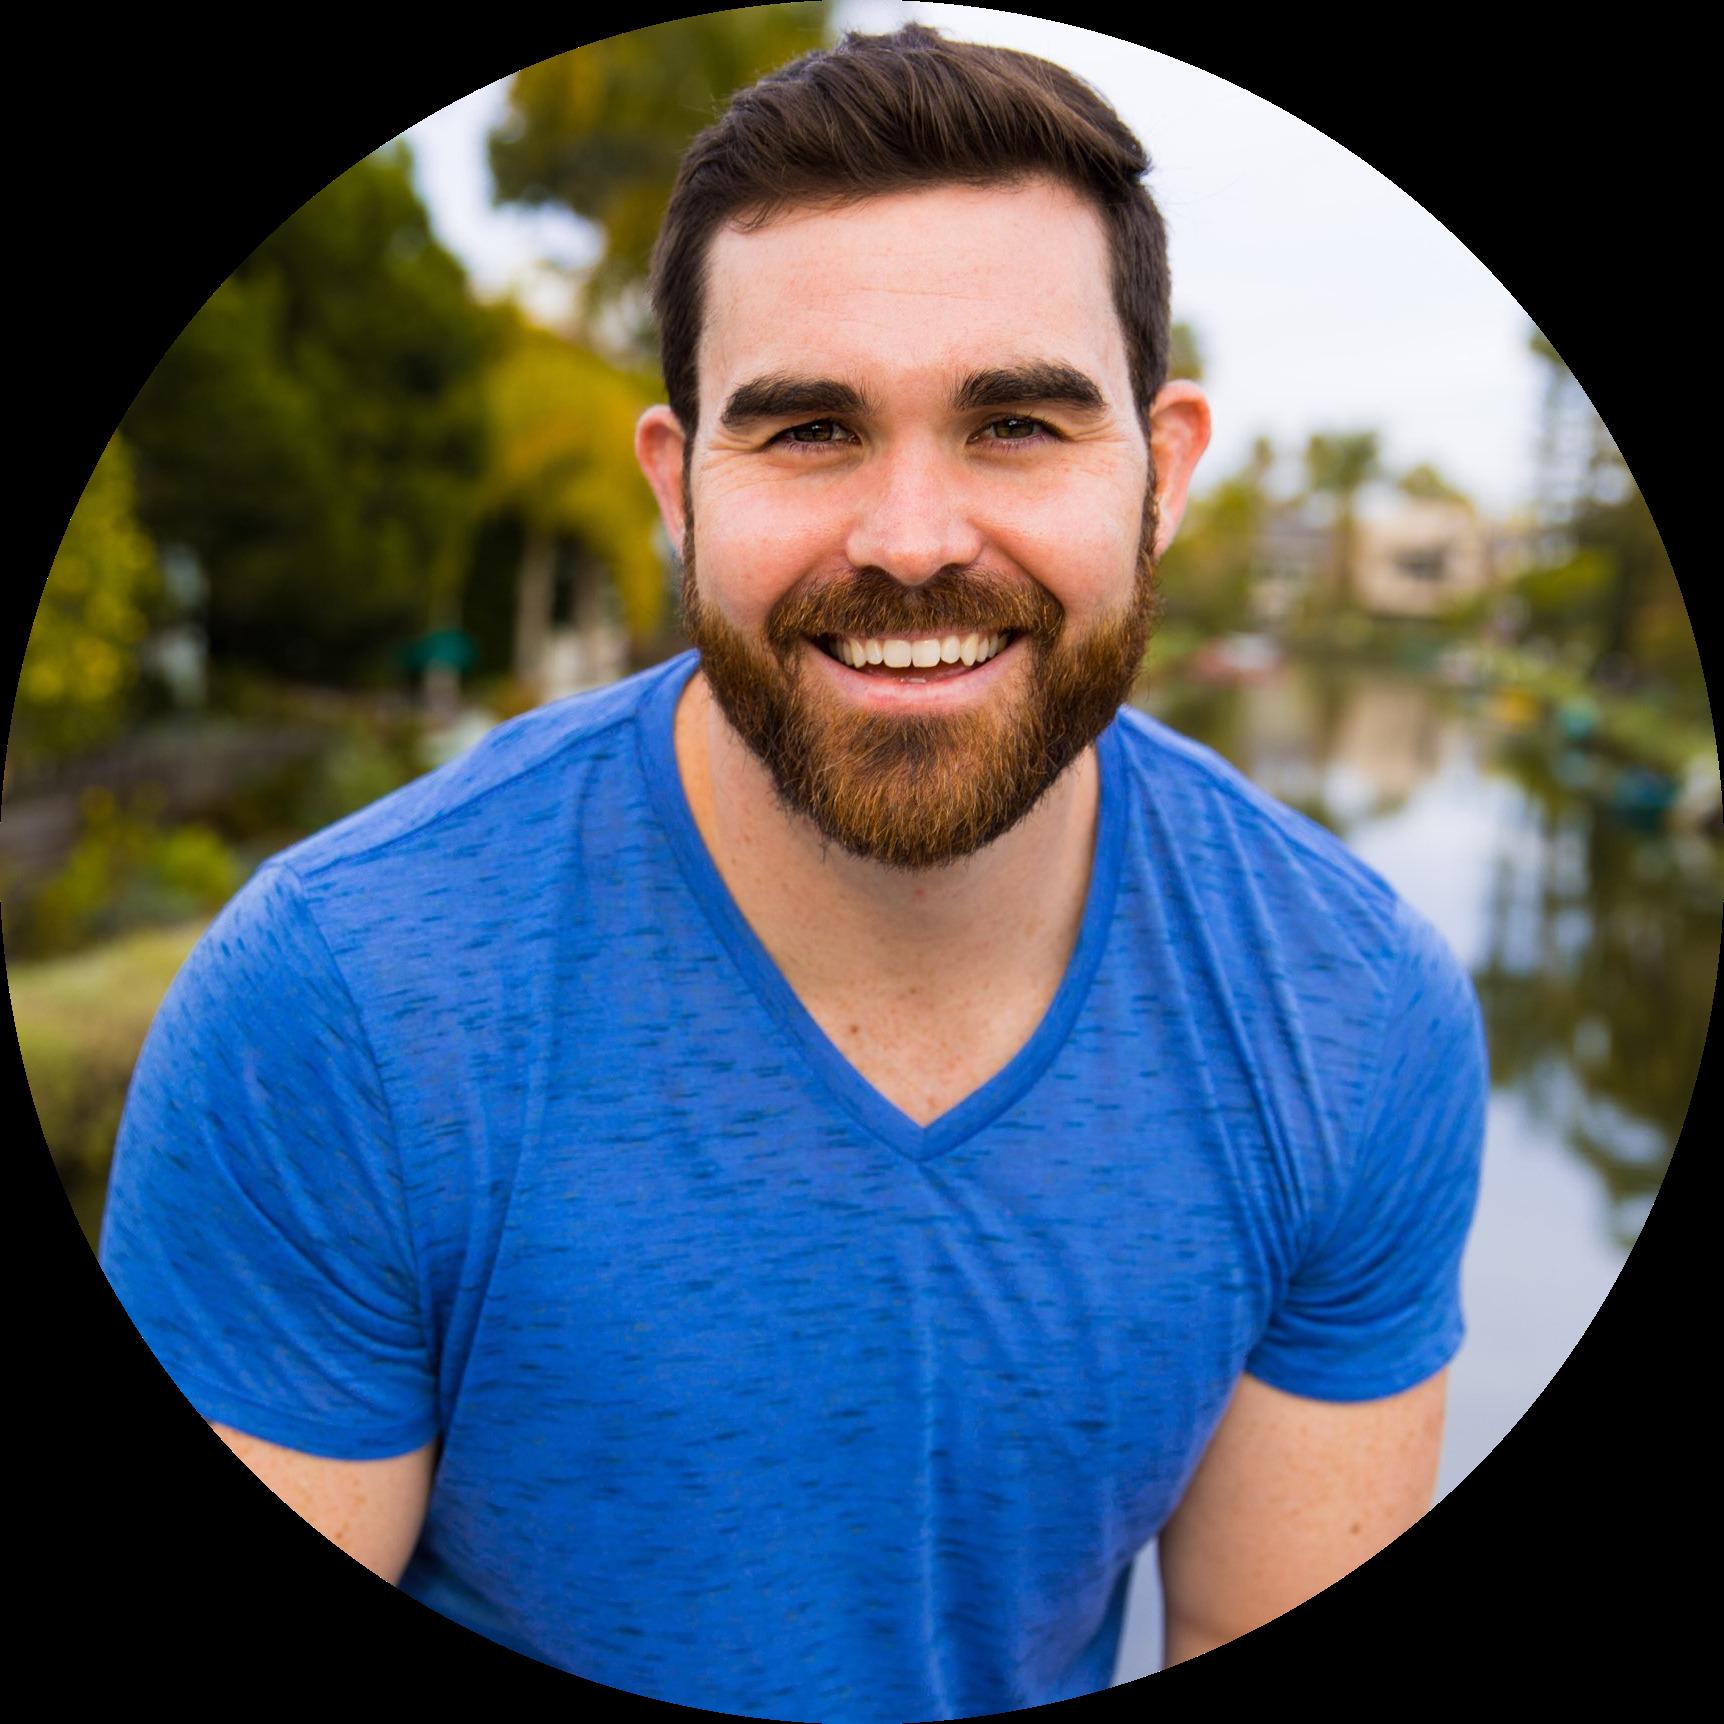 @johnny.elsasser Profile Image | Linktree